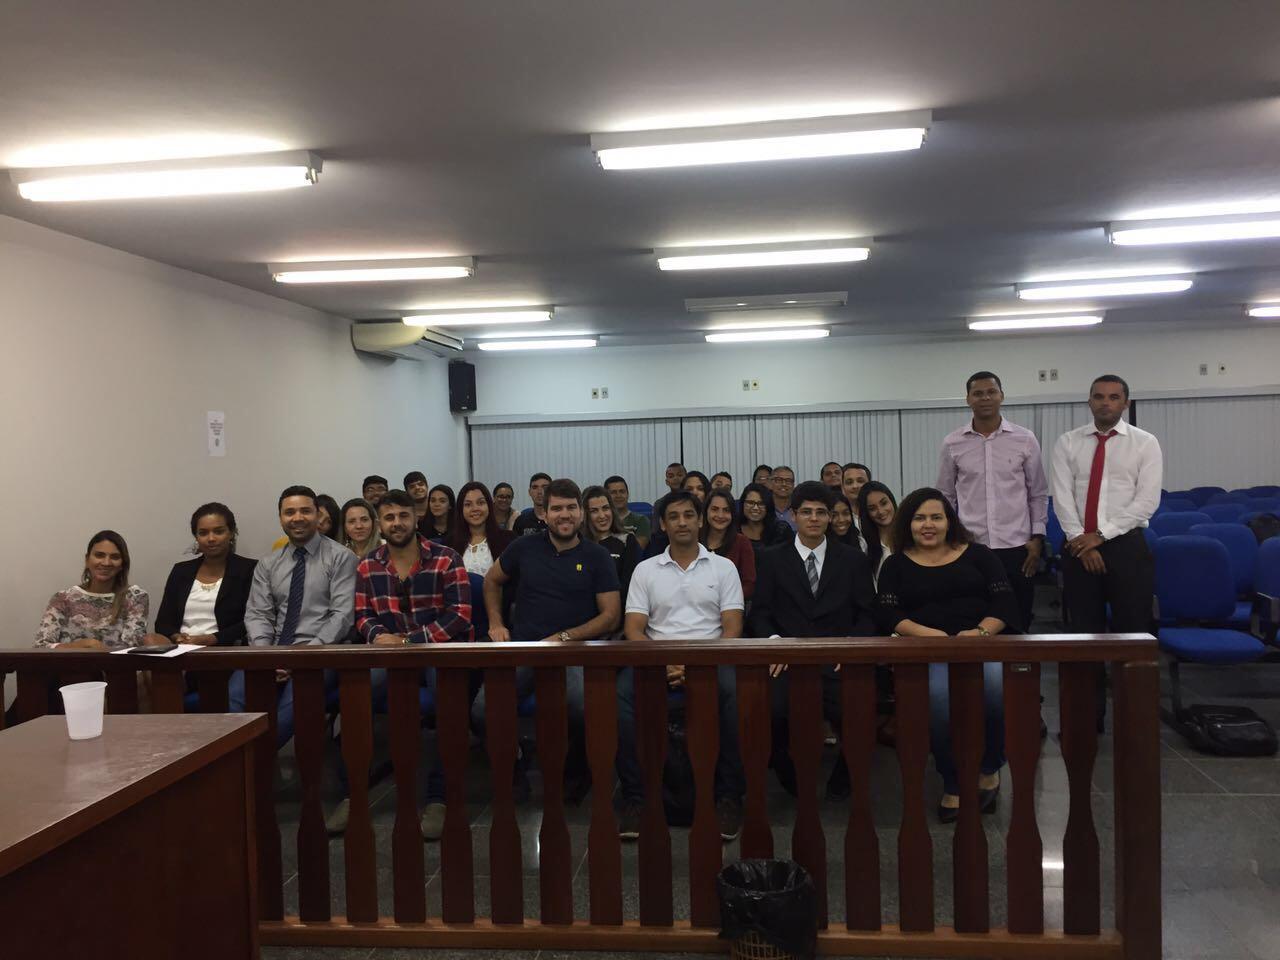 Alunos de Direito acompanham julgamento no Plenário do Júri da Comarca de Serra